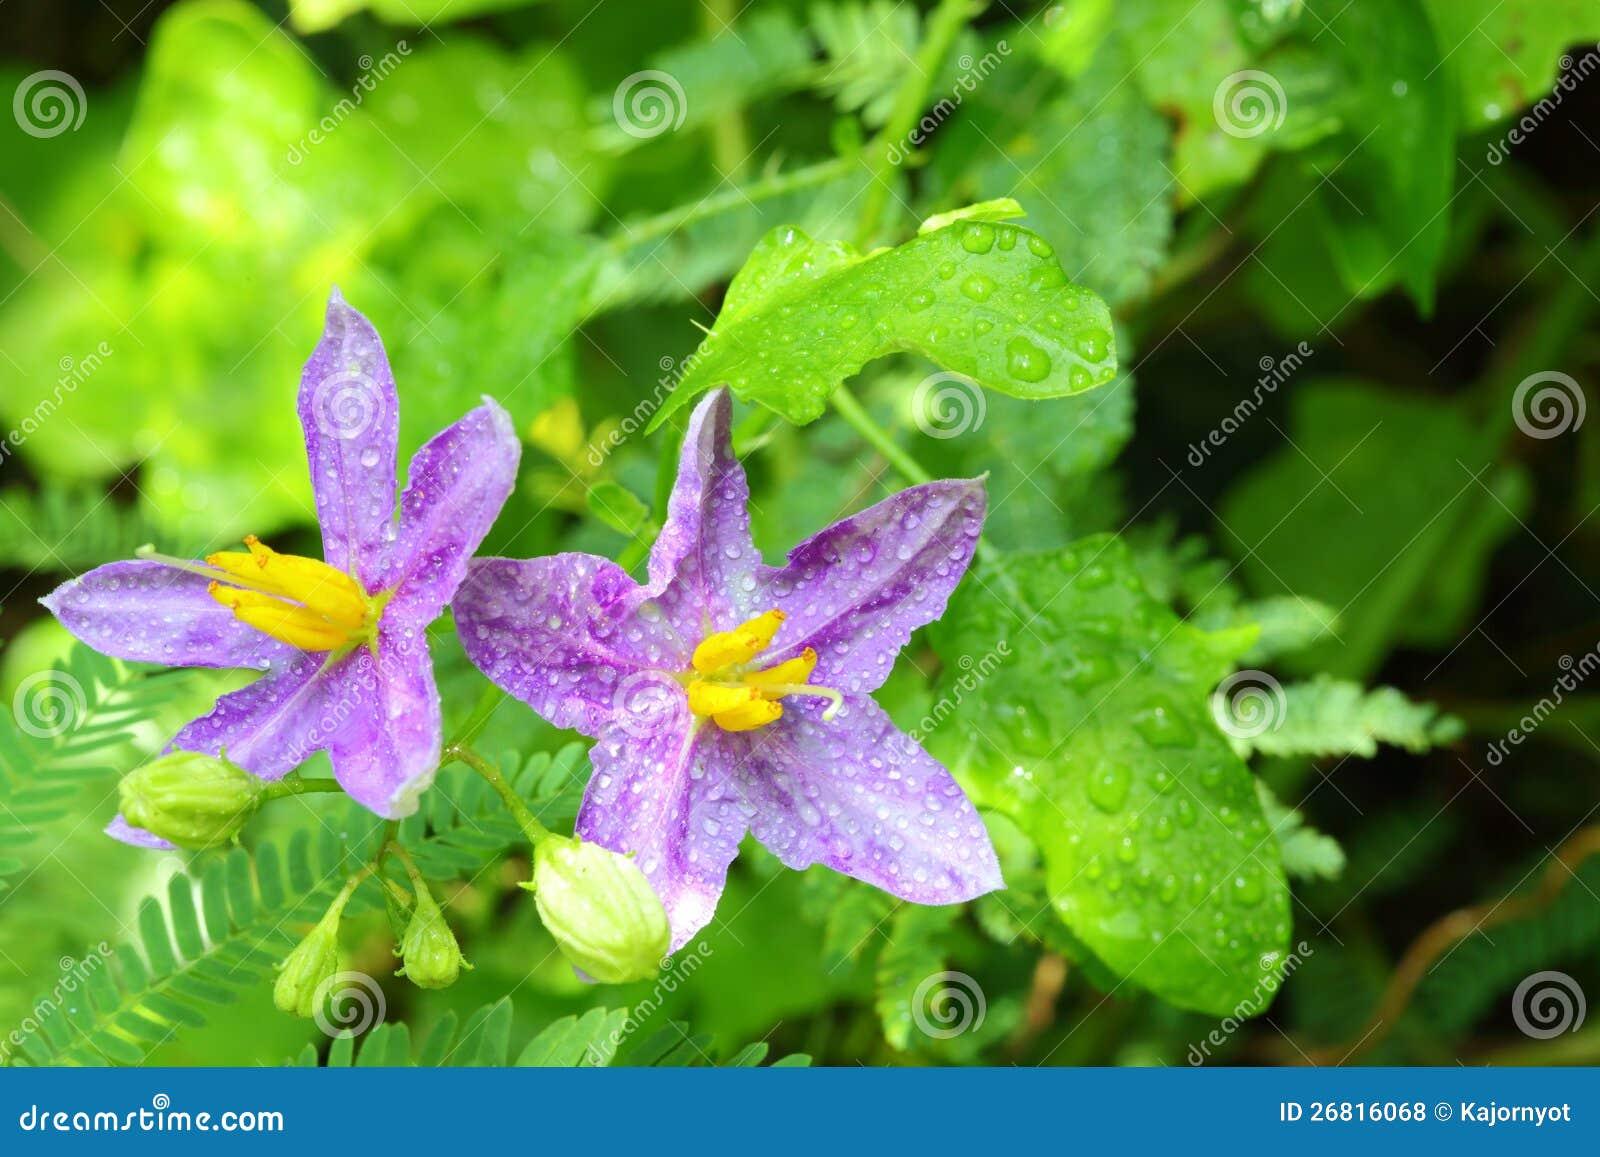 Solanum indicum kwiat zakończenie L. kwiat,